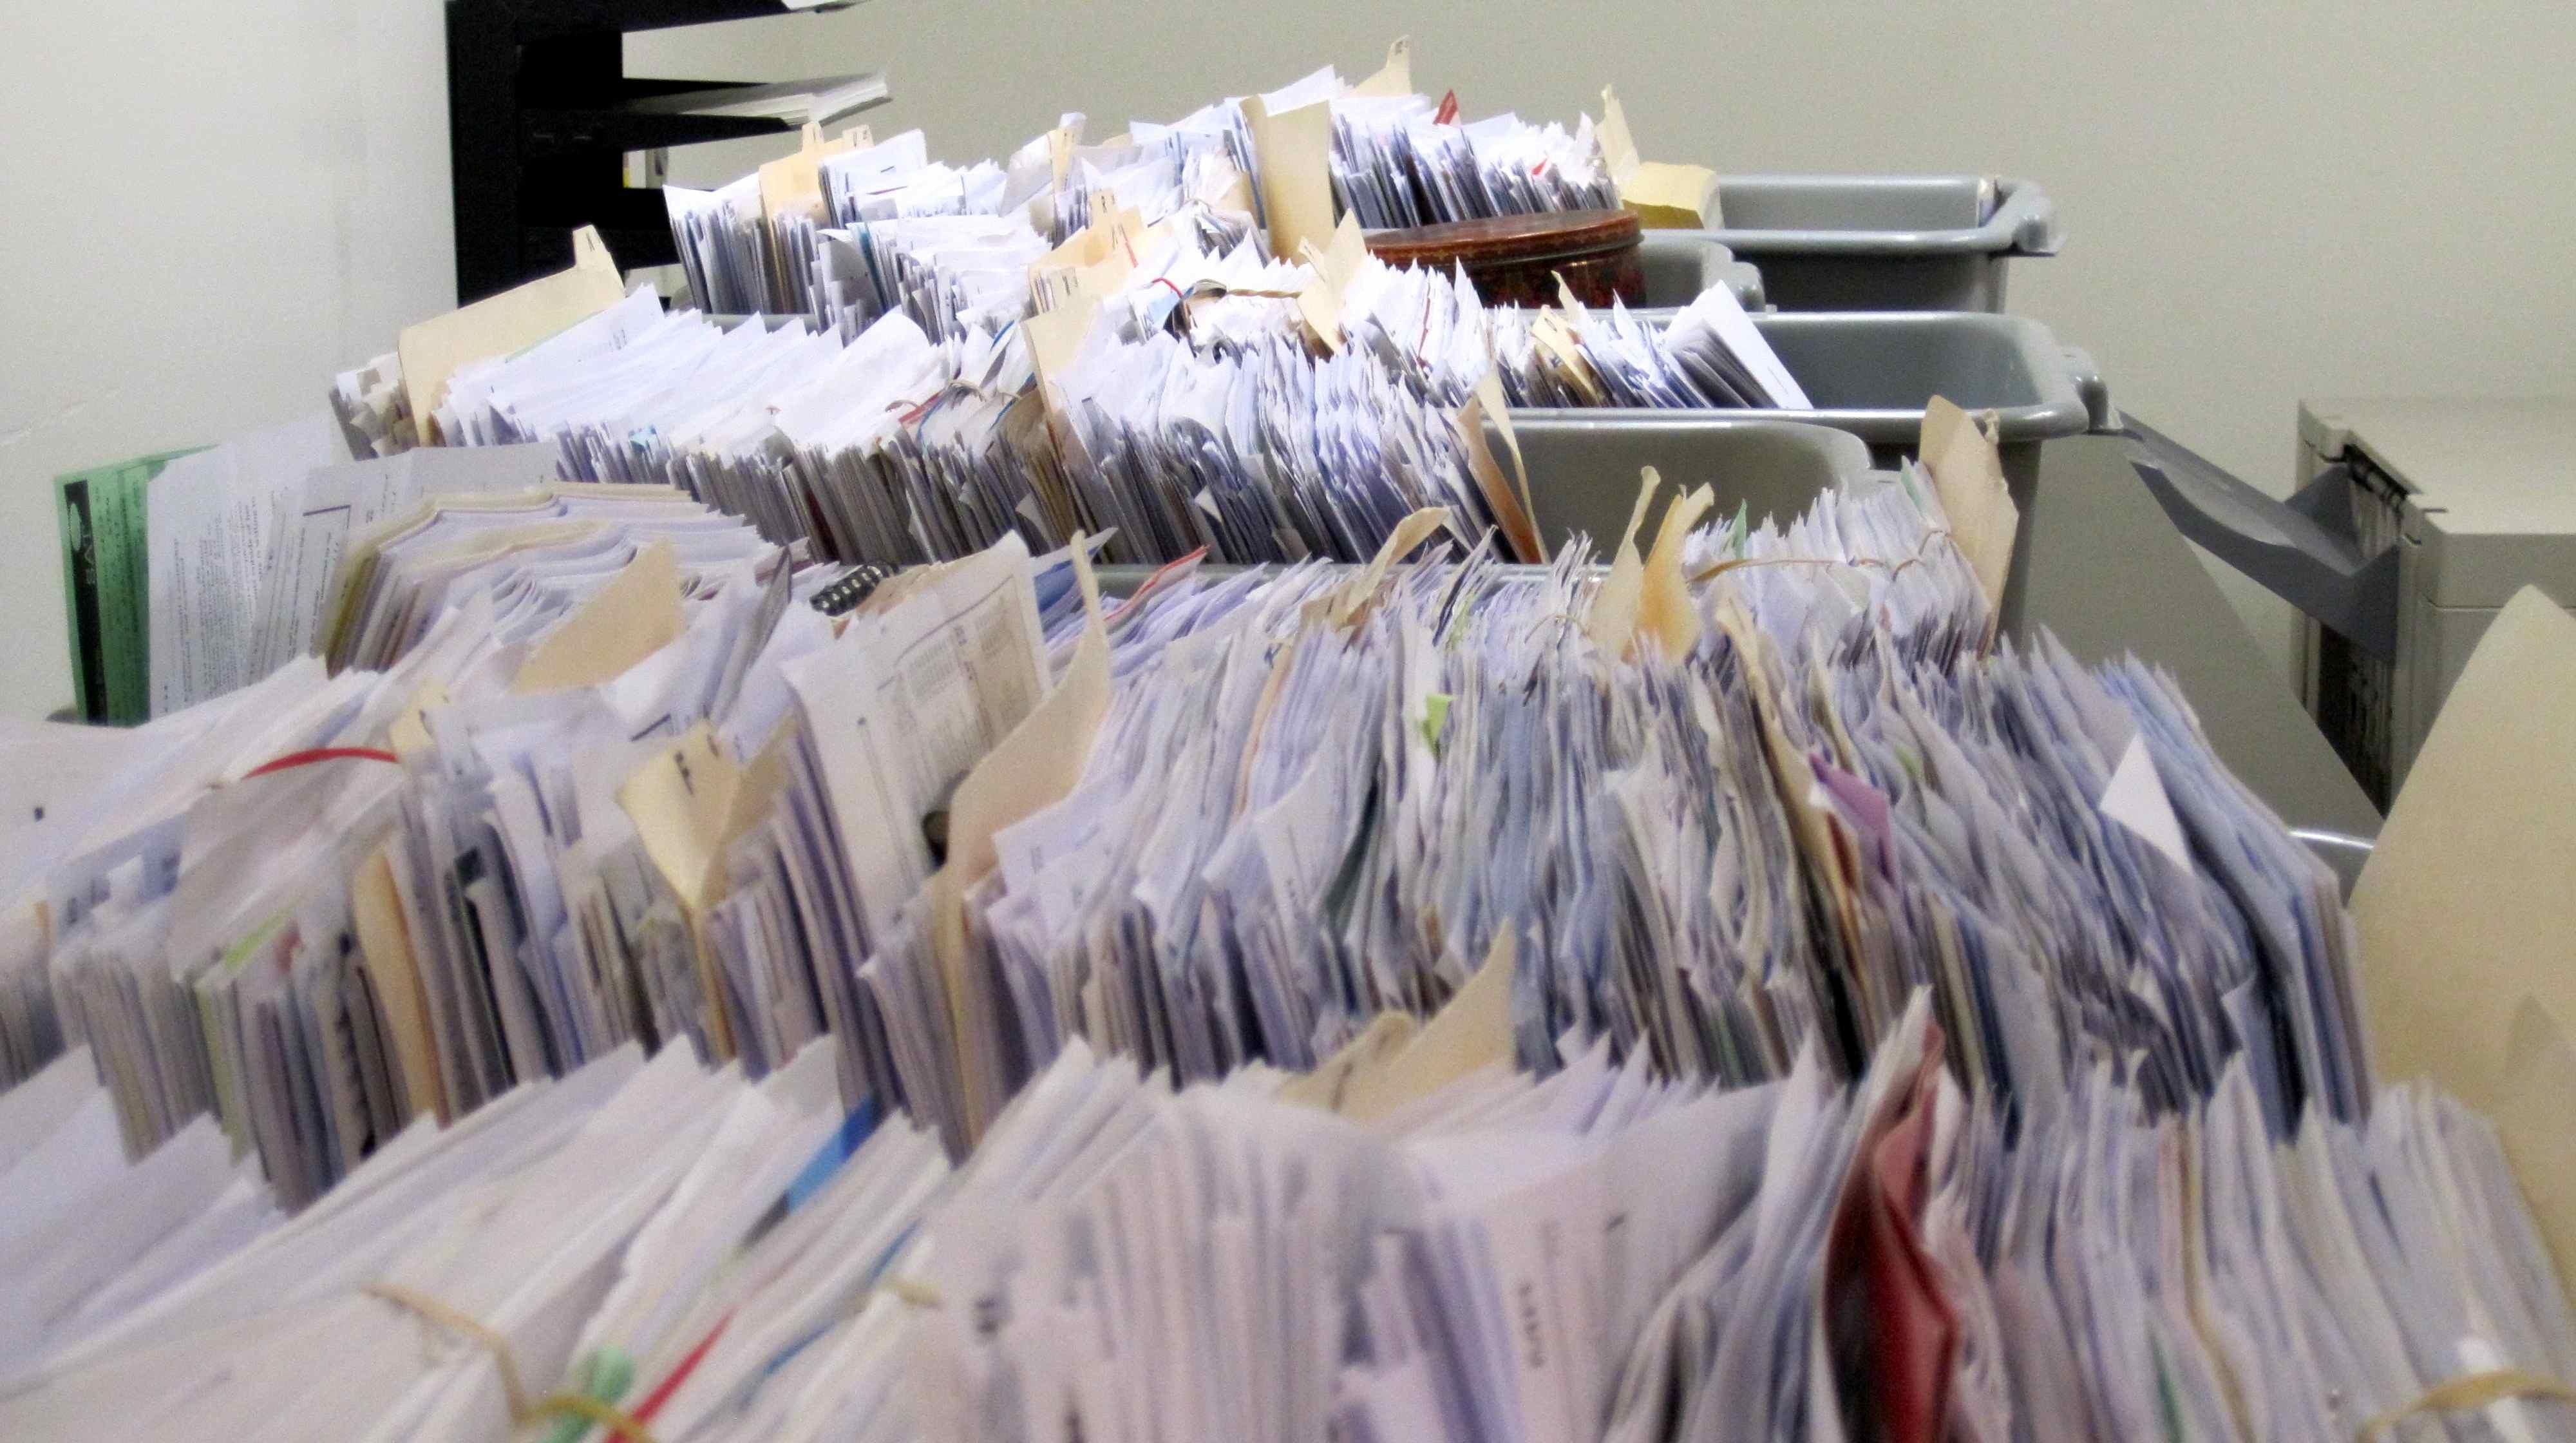 Notarii ar putea scăpa de obligația de a păstra actele pe suport de hârtie? Ce alternativă se propune